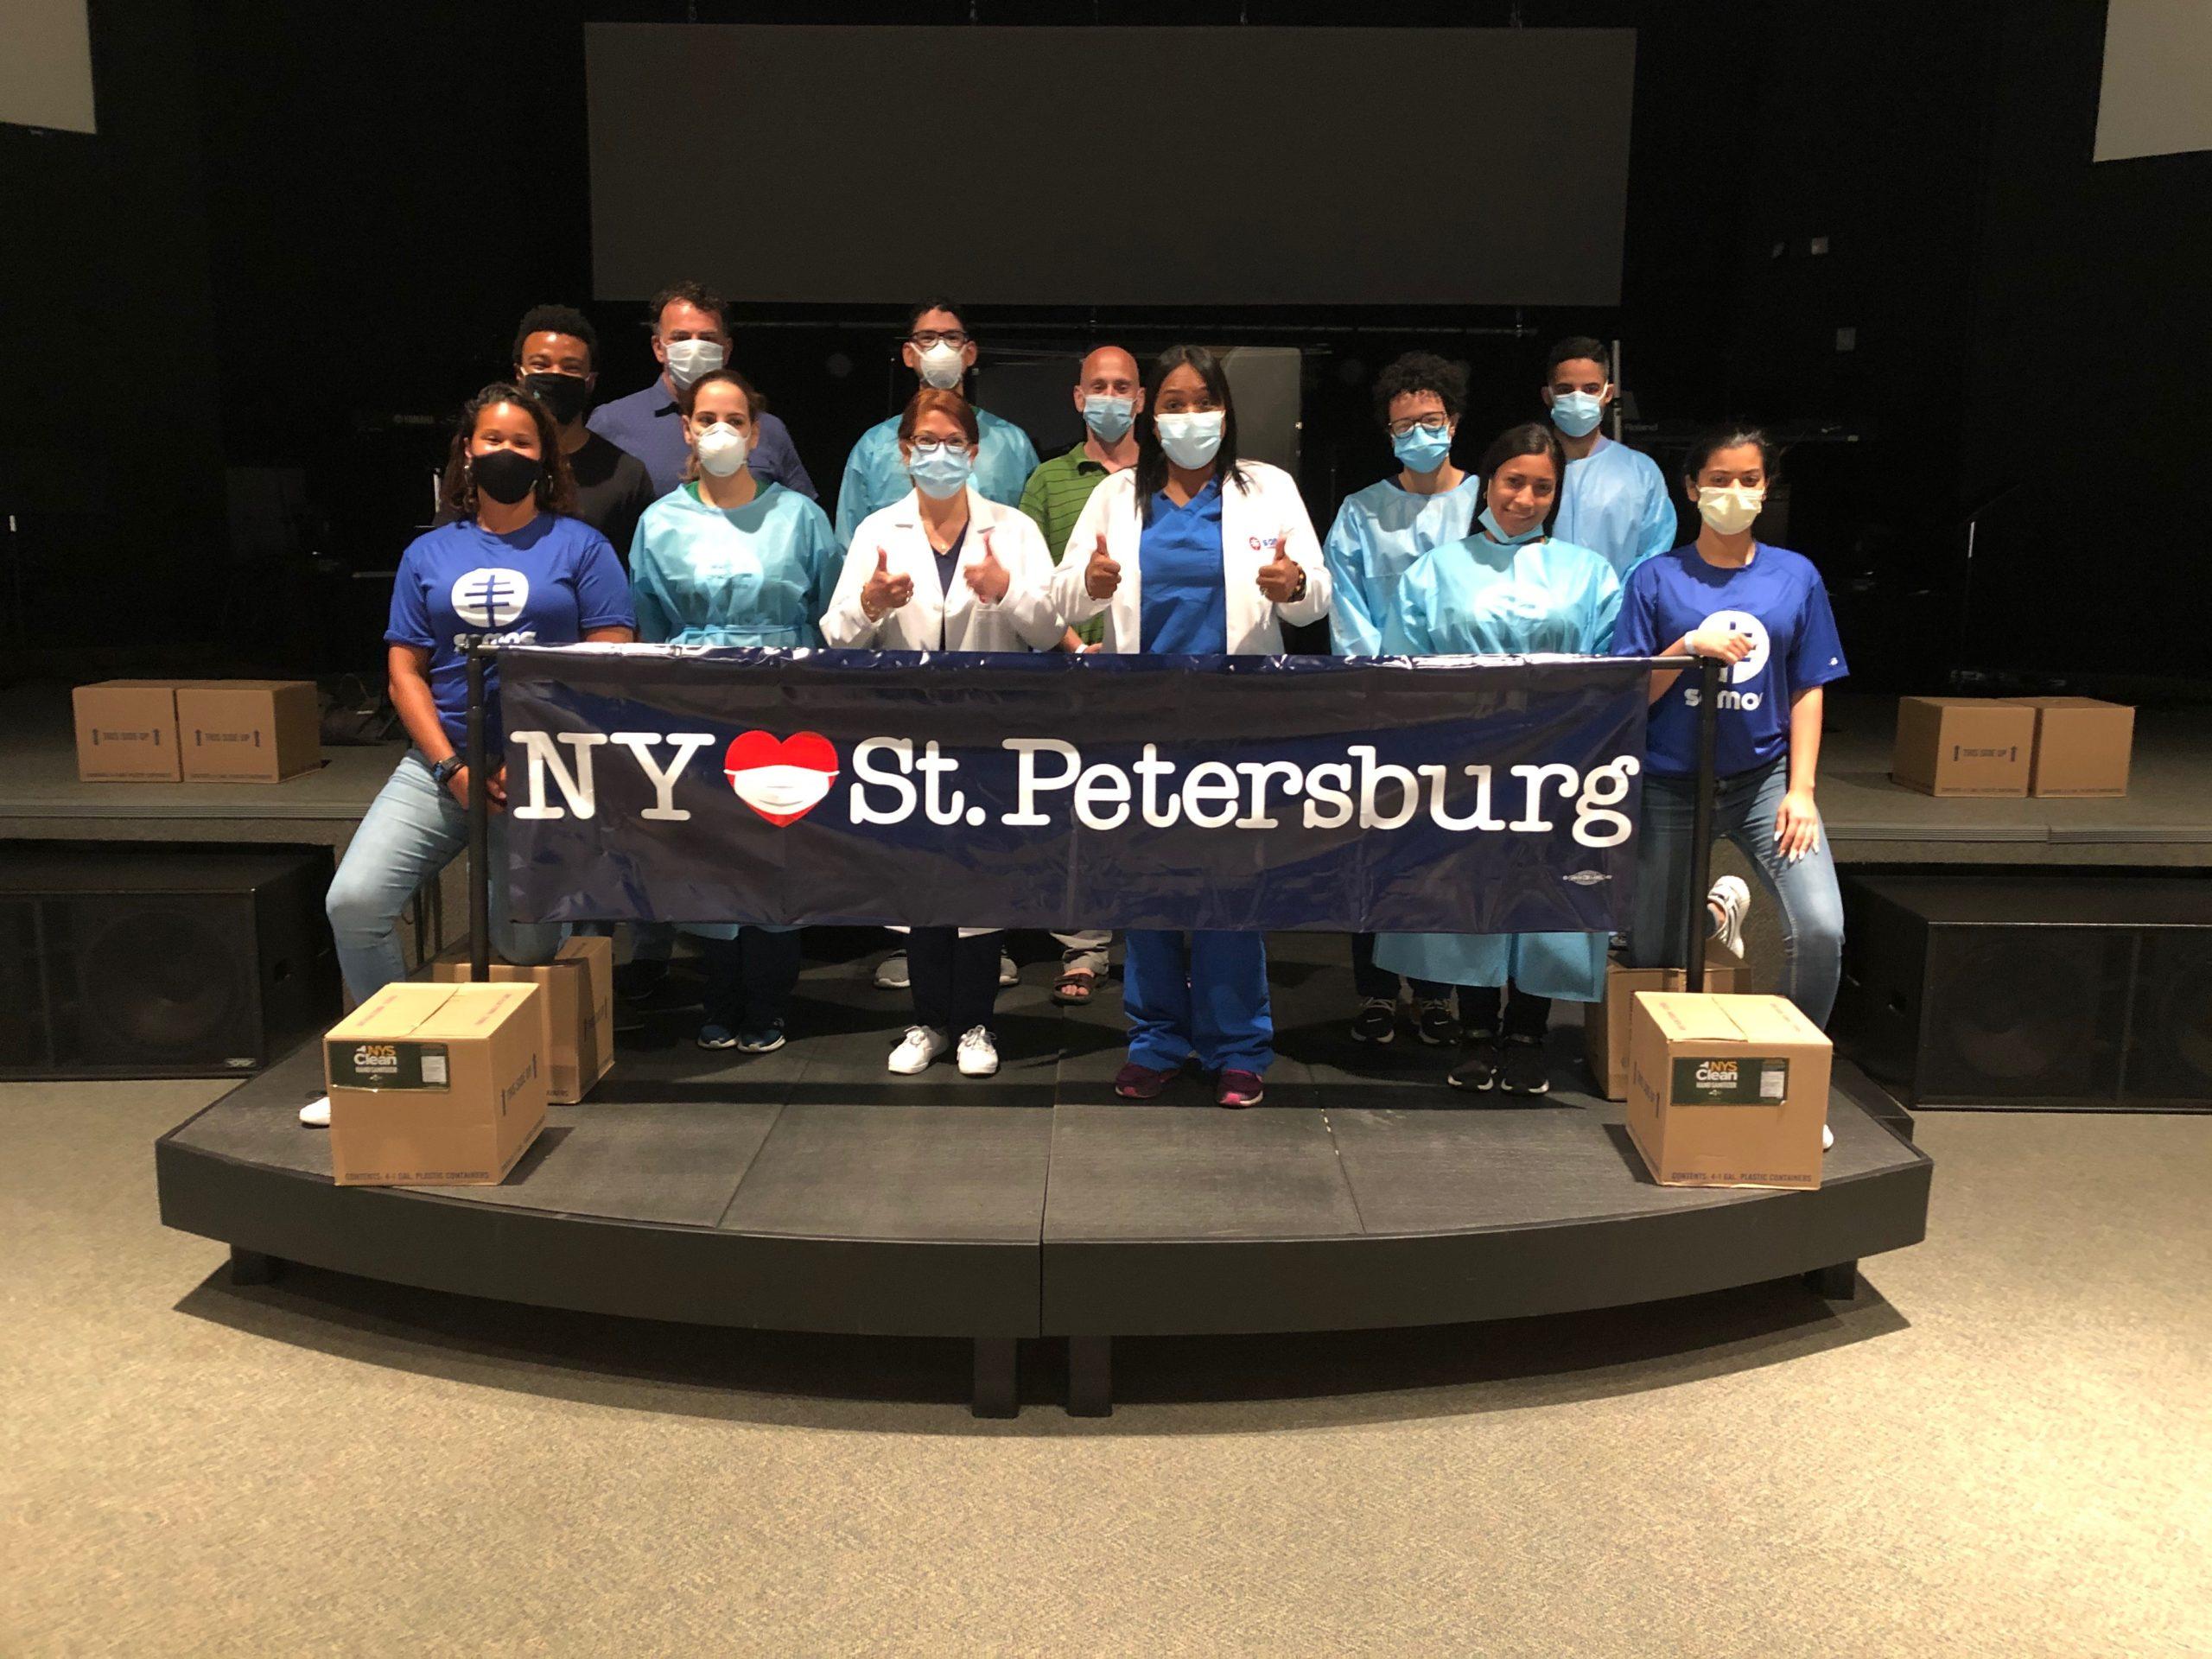 St. Petersburg coronavirus testing site